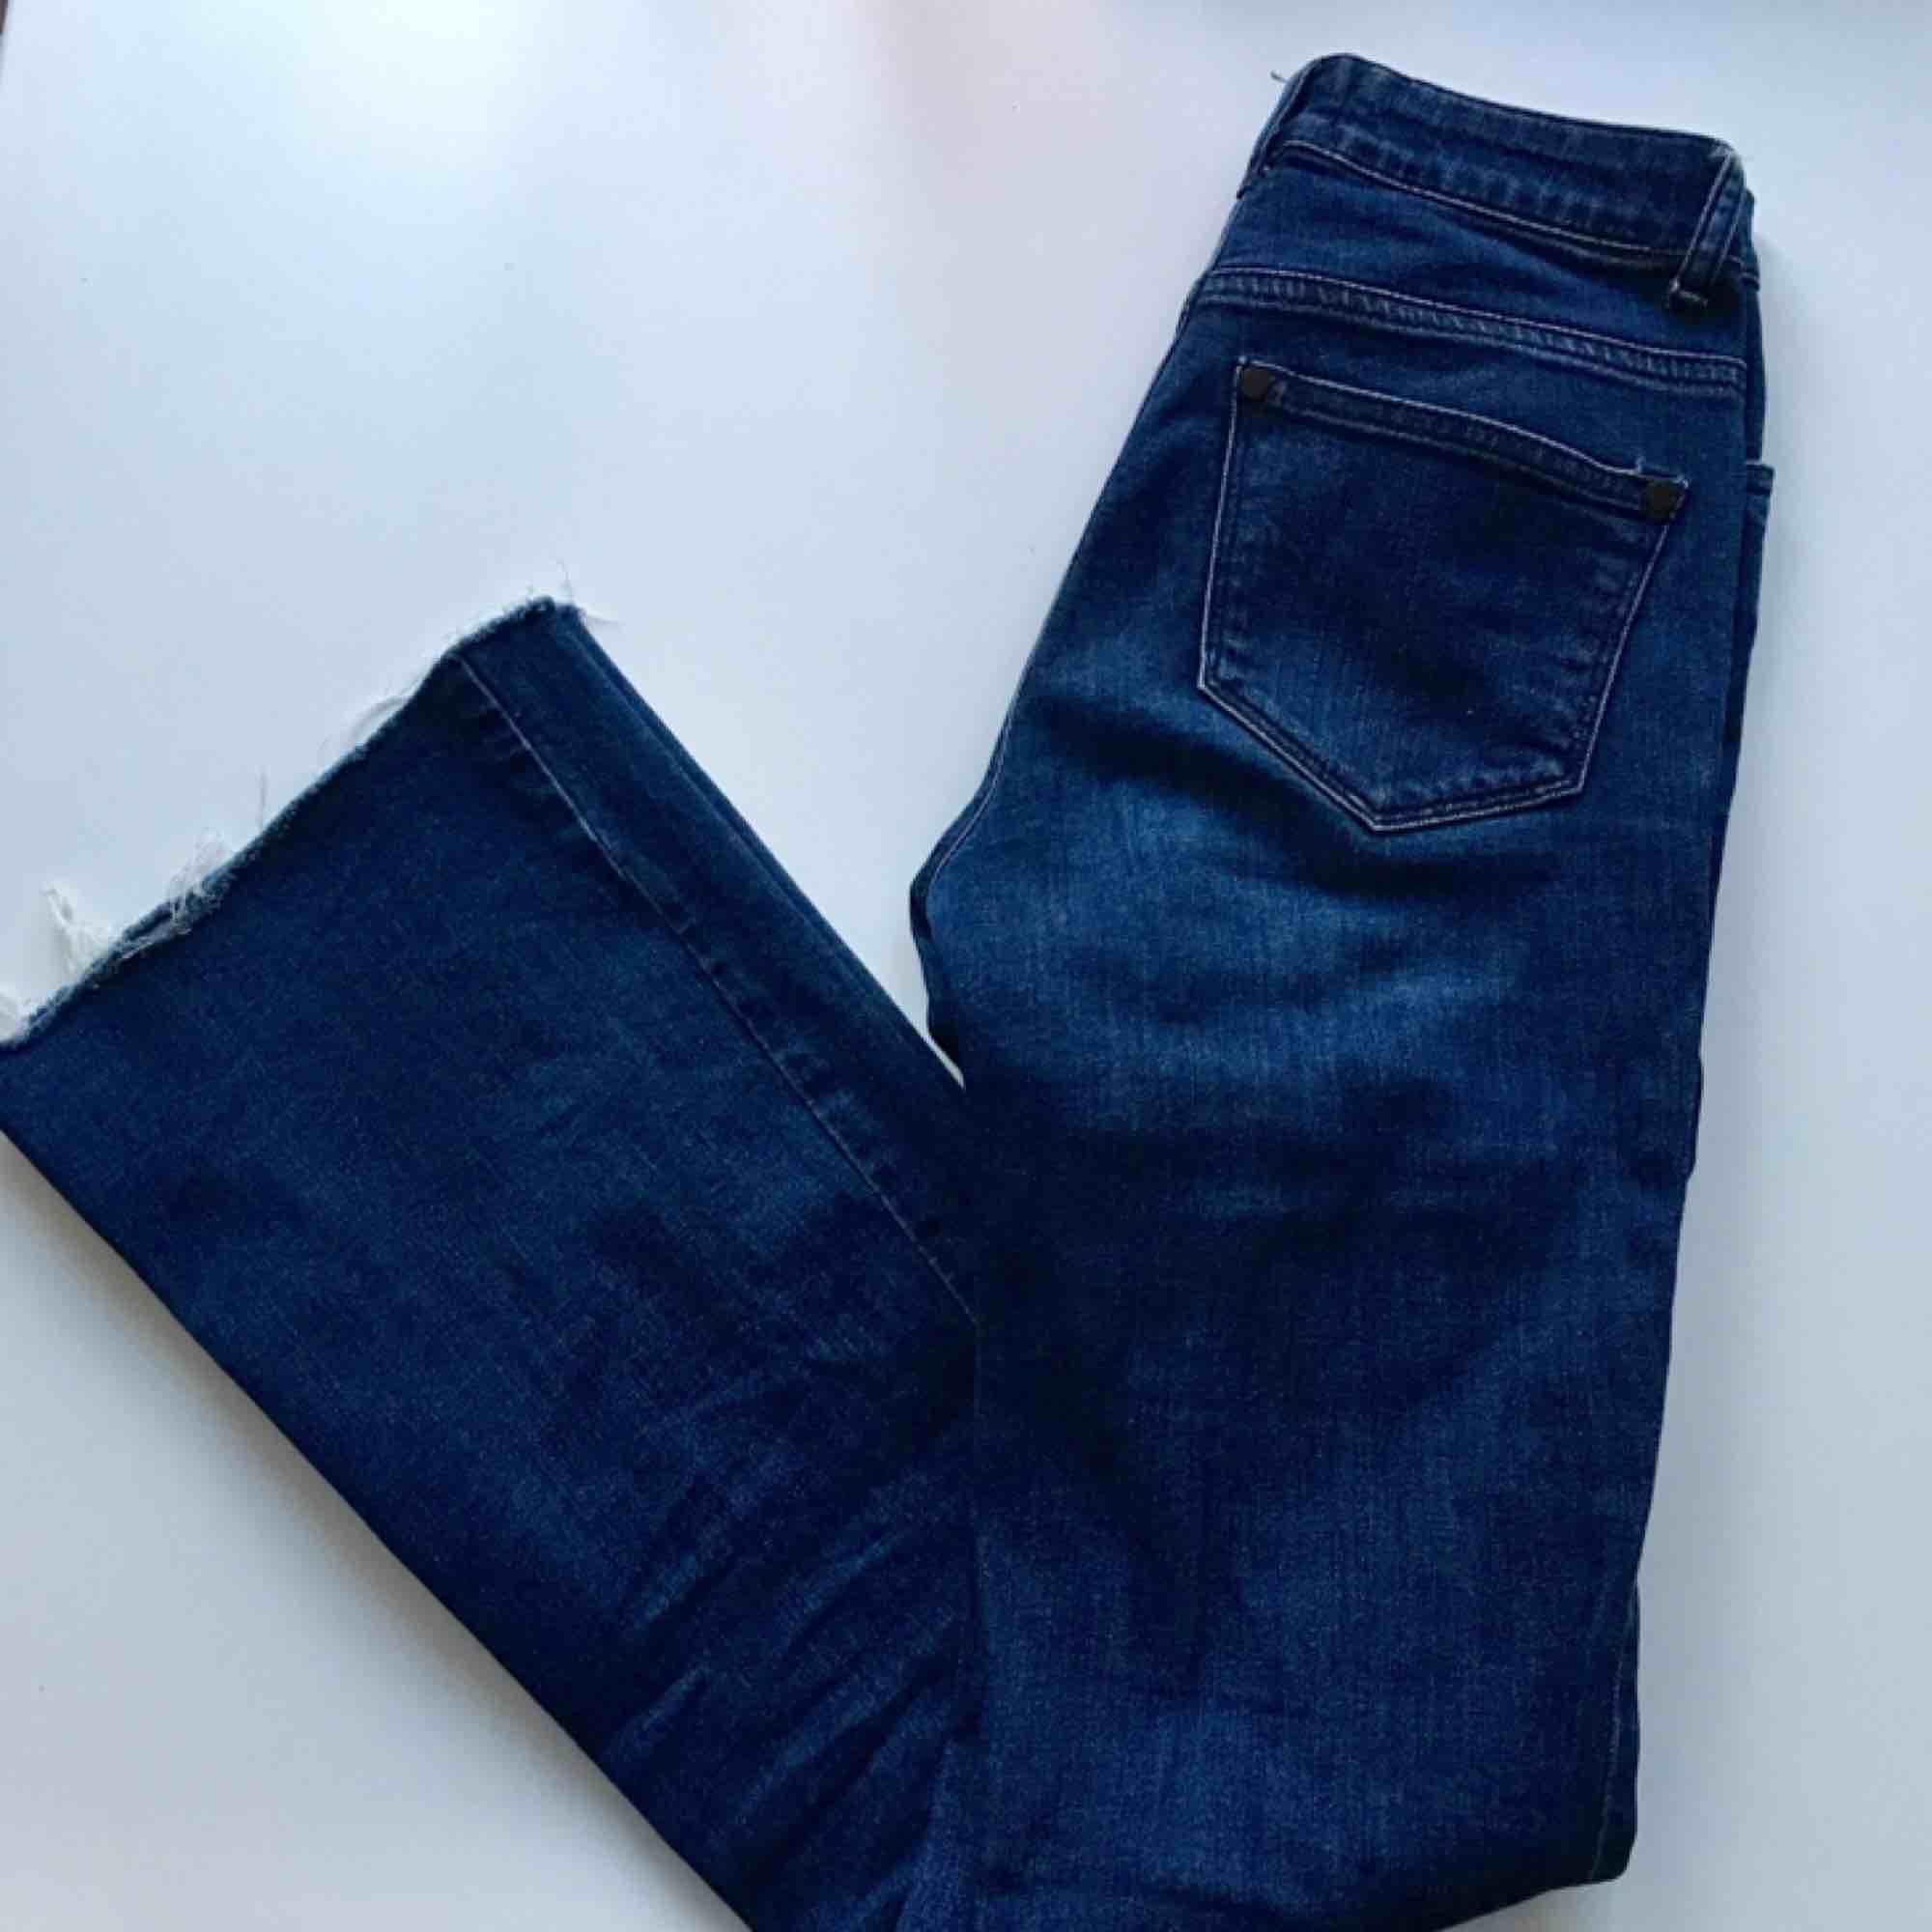 Mörkblåa jeans med bootcut, avklippta längst ner. Jeans & Byxor.